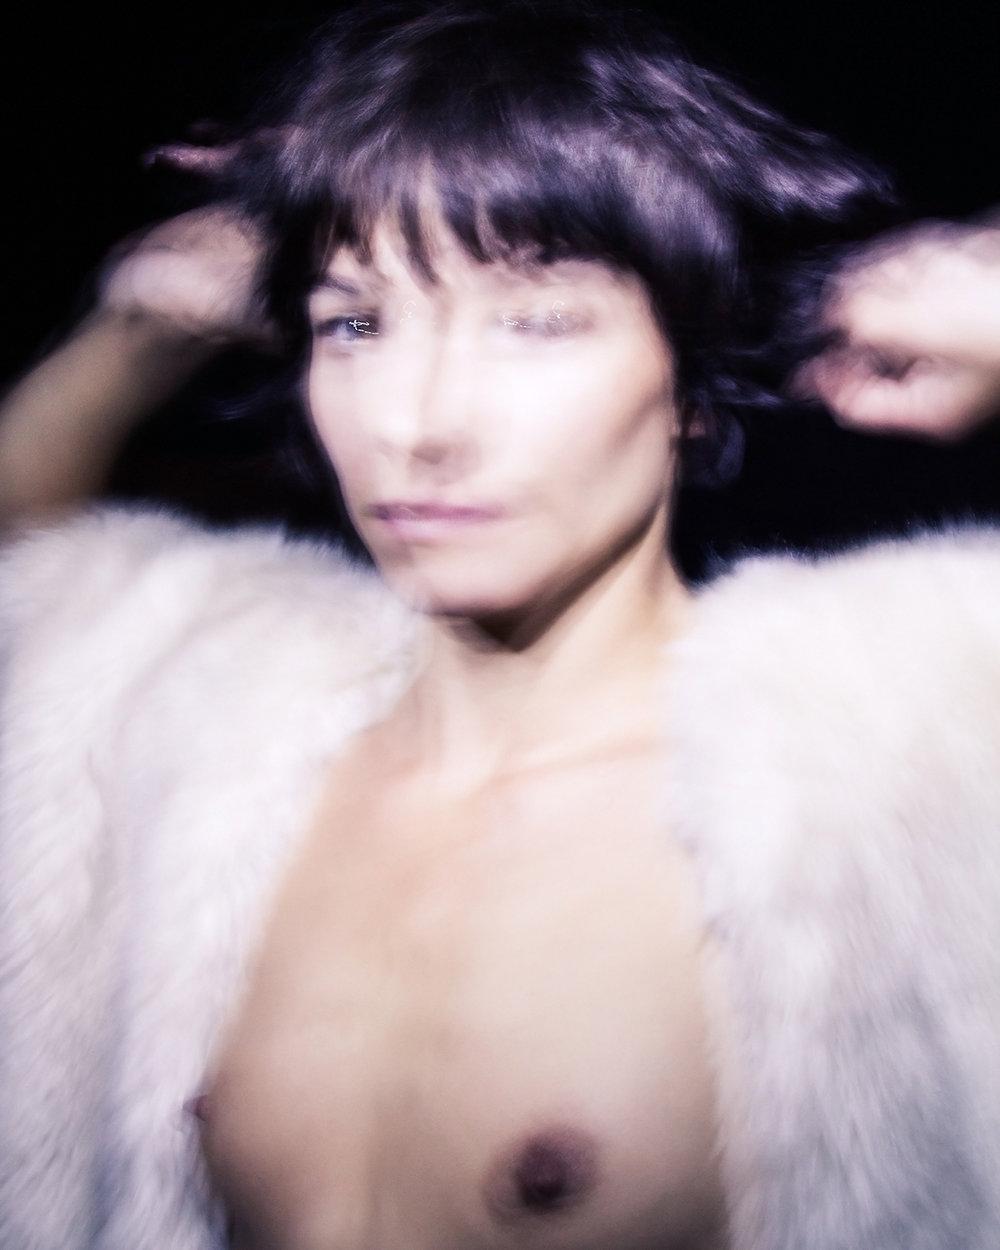 Maria-Giménez-Shimmer-Portrait-Berlin-Matthew-Coleman-Photography